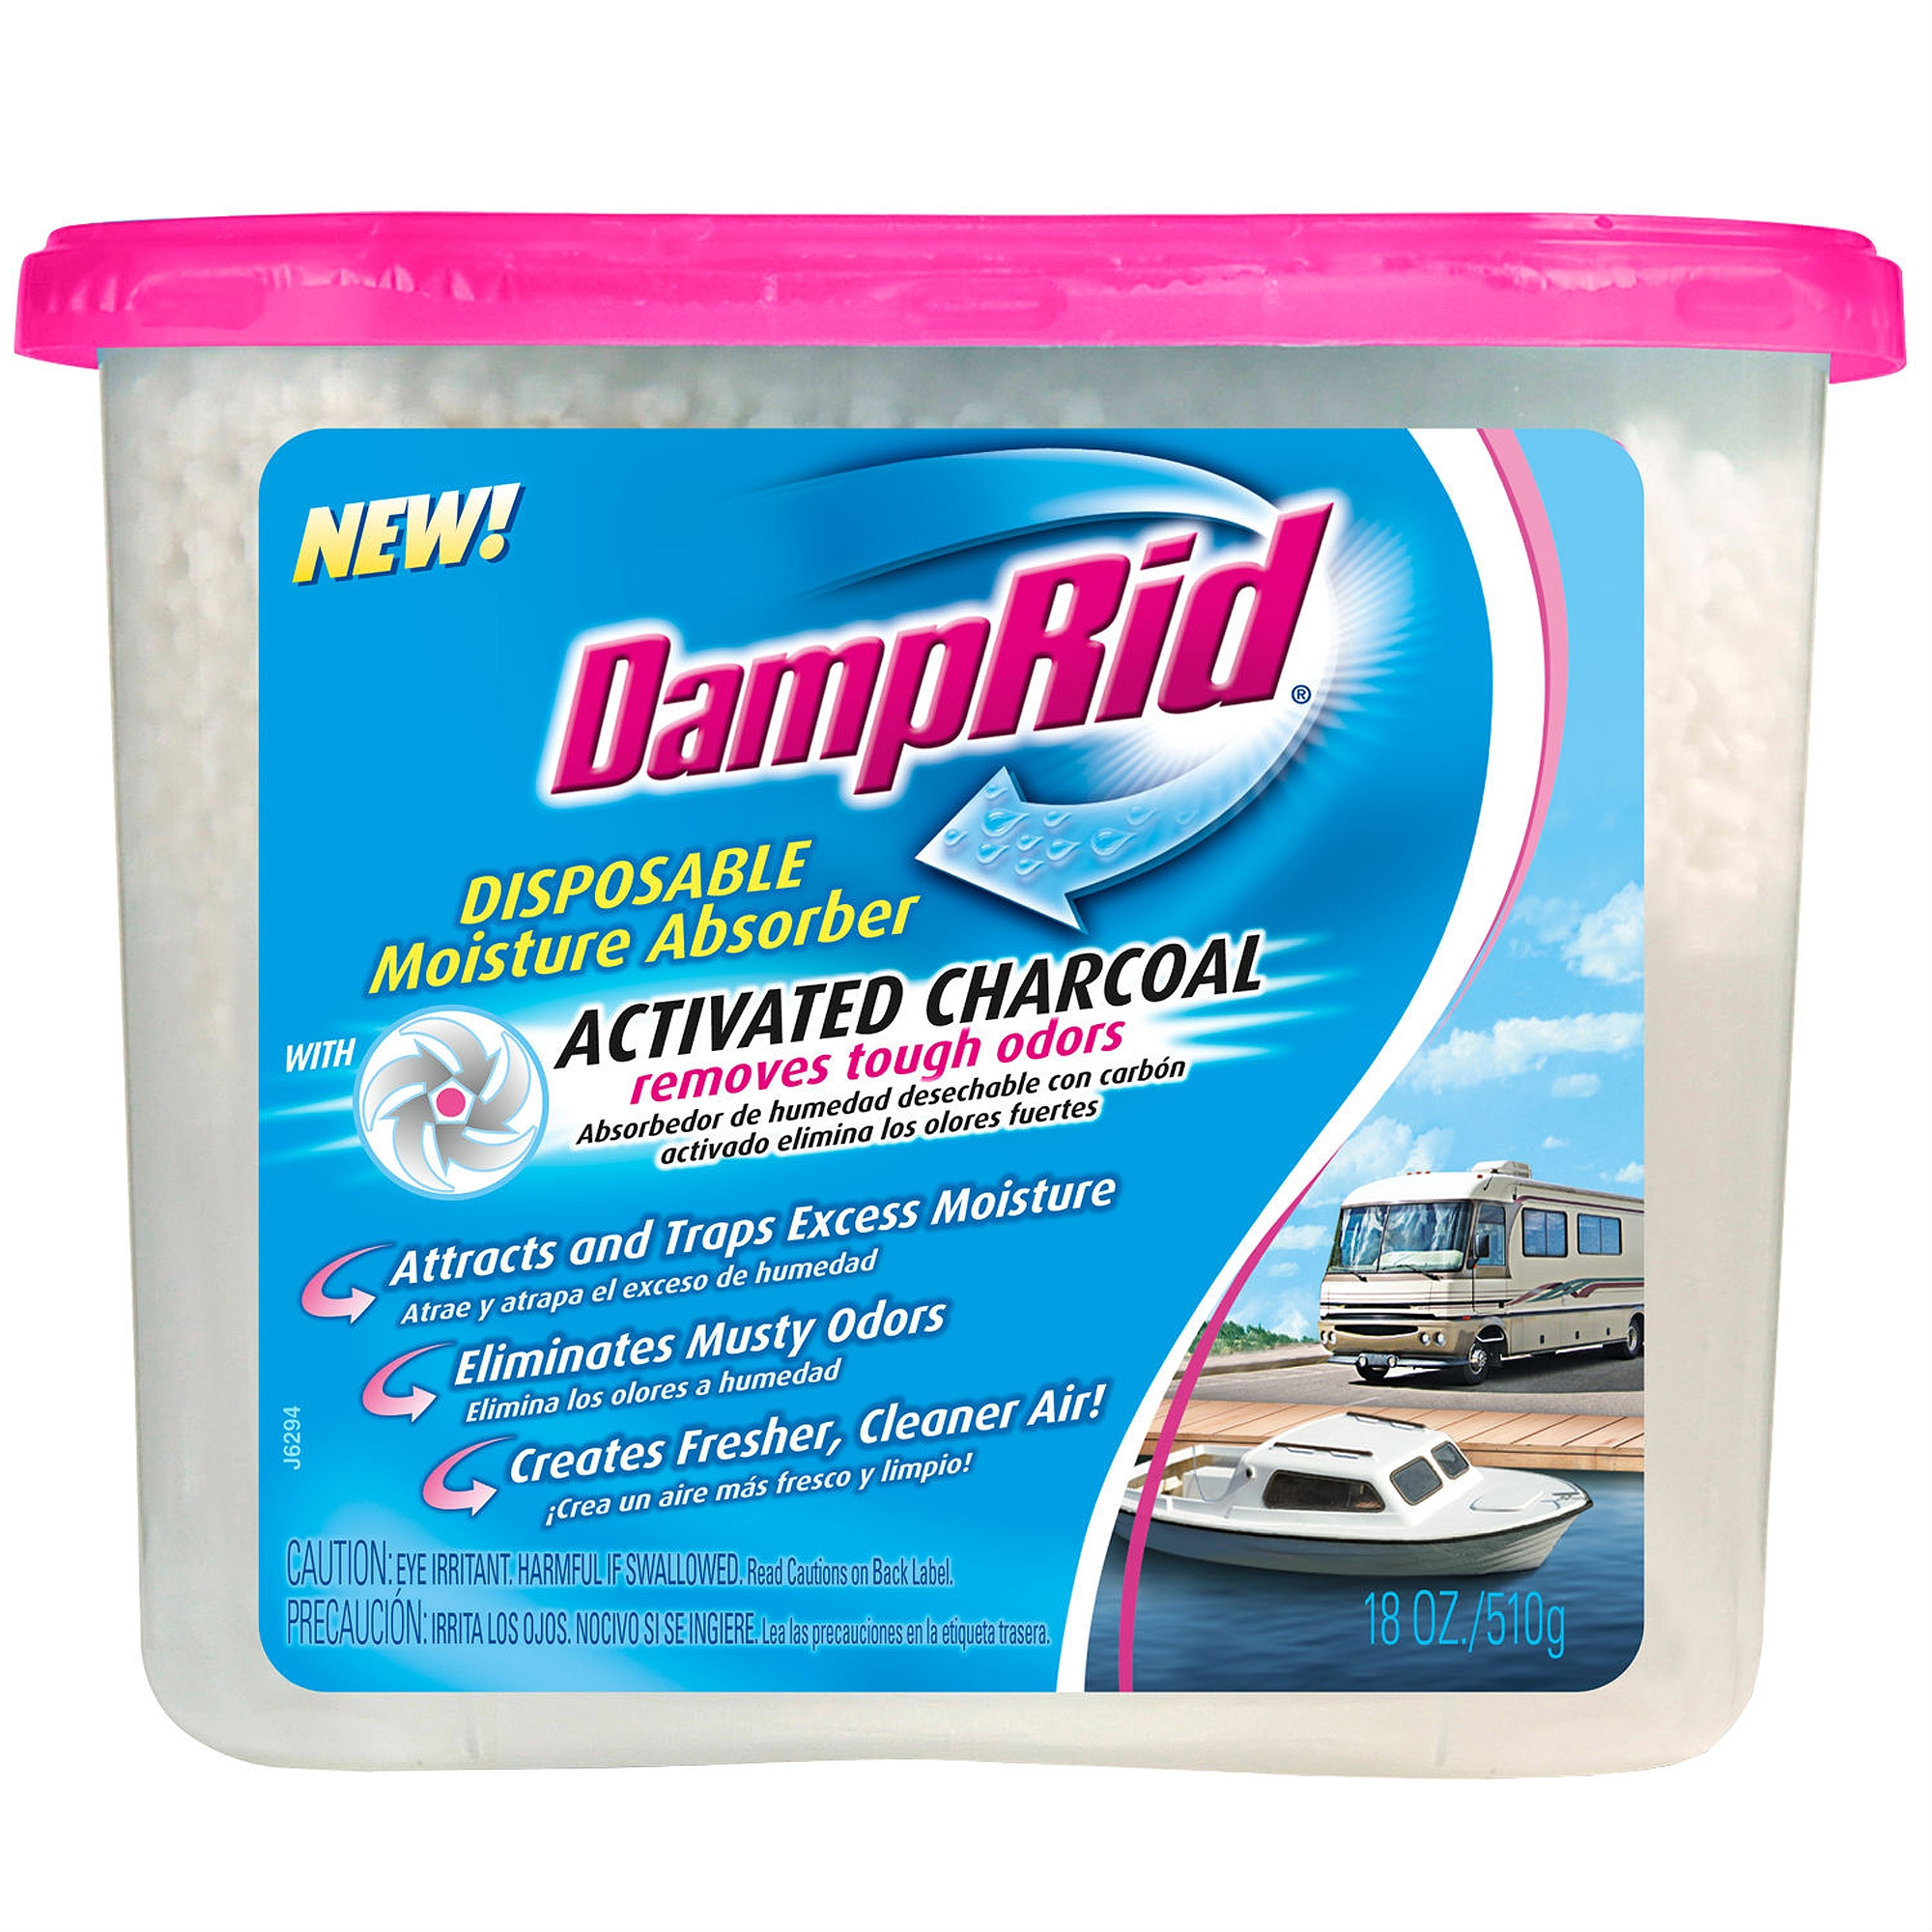 Basement Odor Absorber Air Freshener